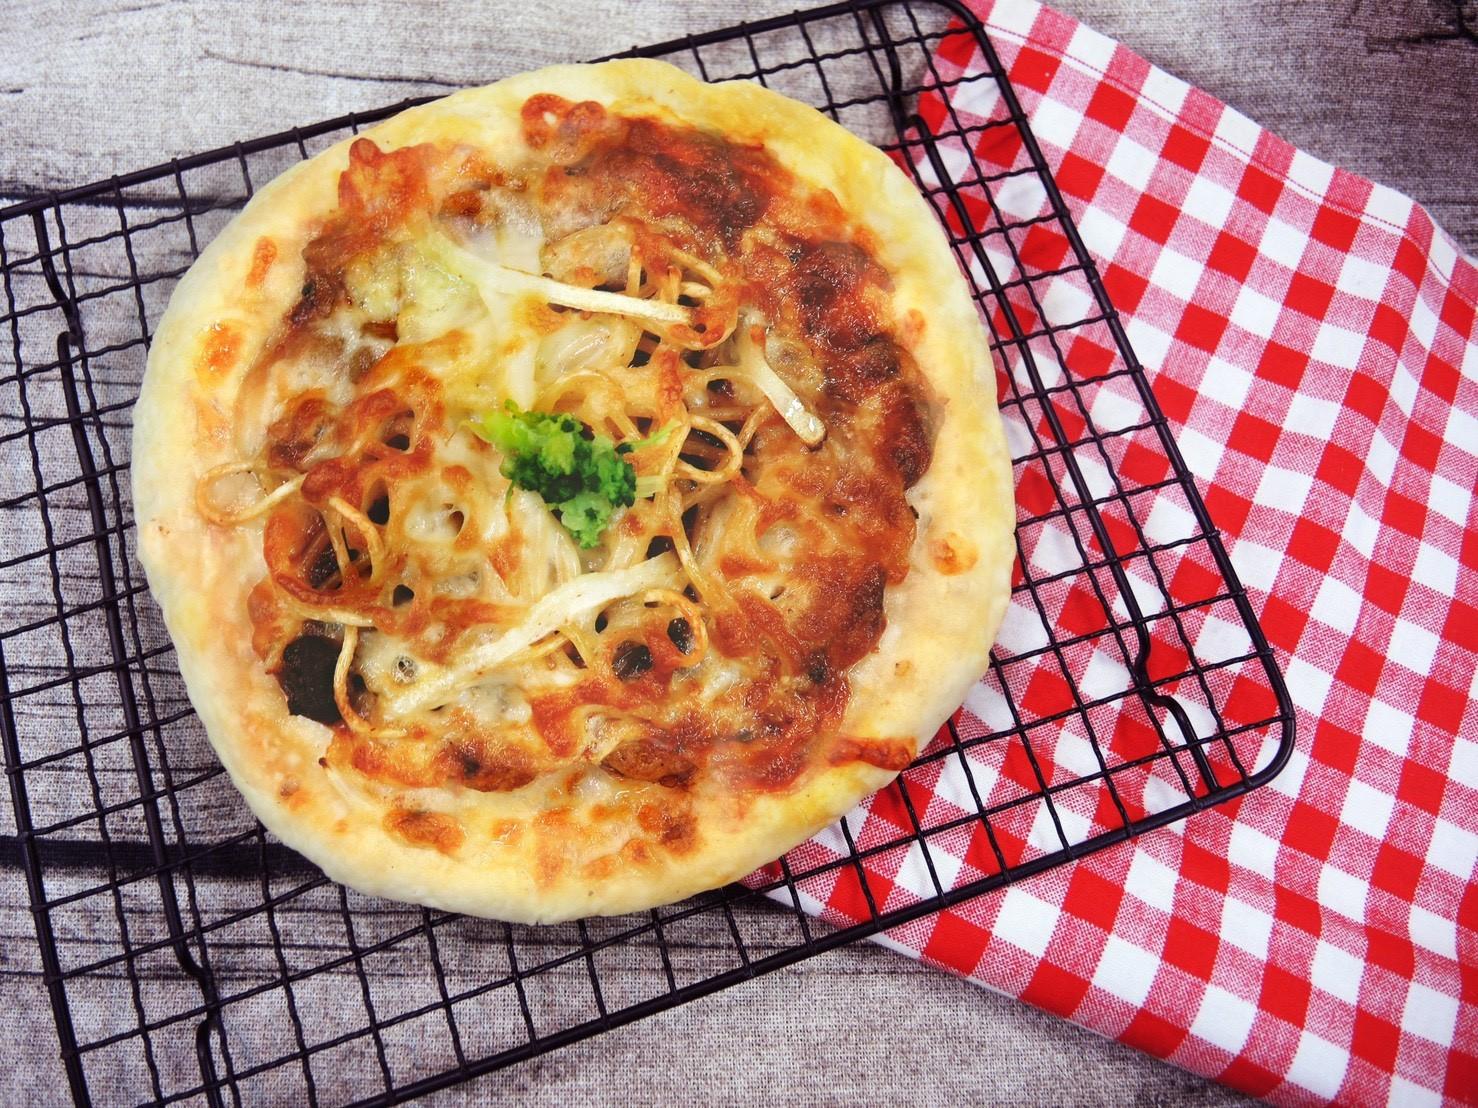 【冷凍】聯名披薩-馬祖紅糟肉醬義大利麵披薩